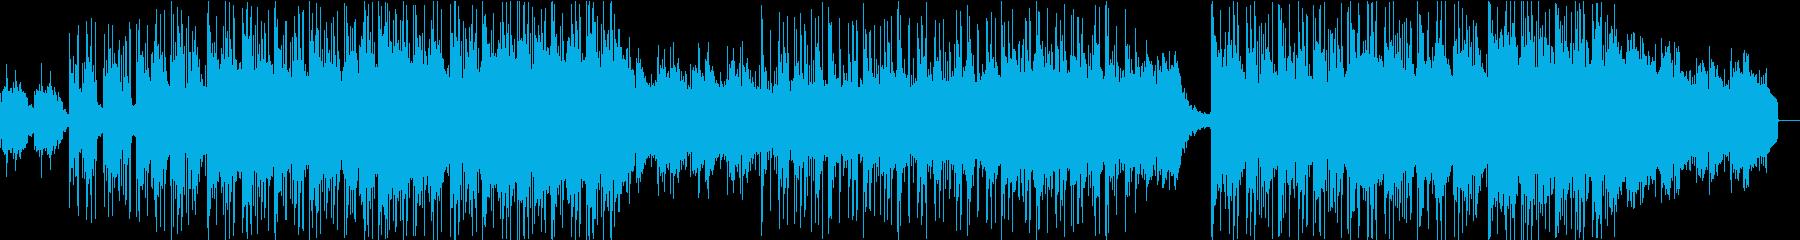 切なく、考えに浸るBGMの再生済みの波形